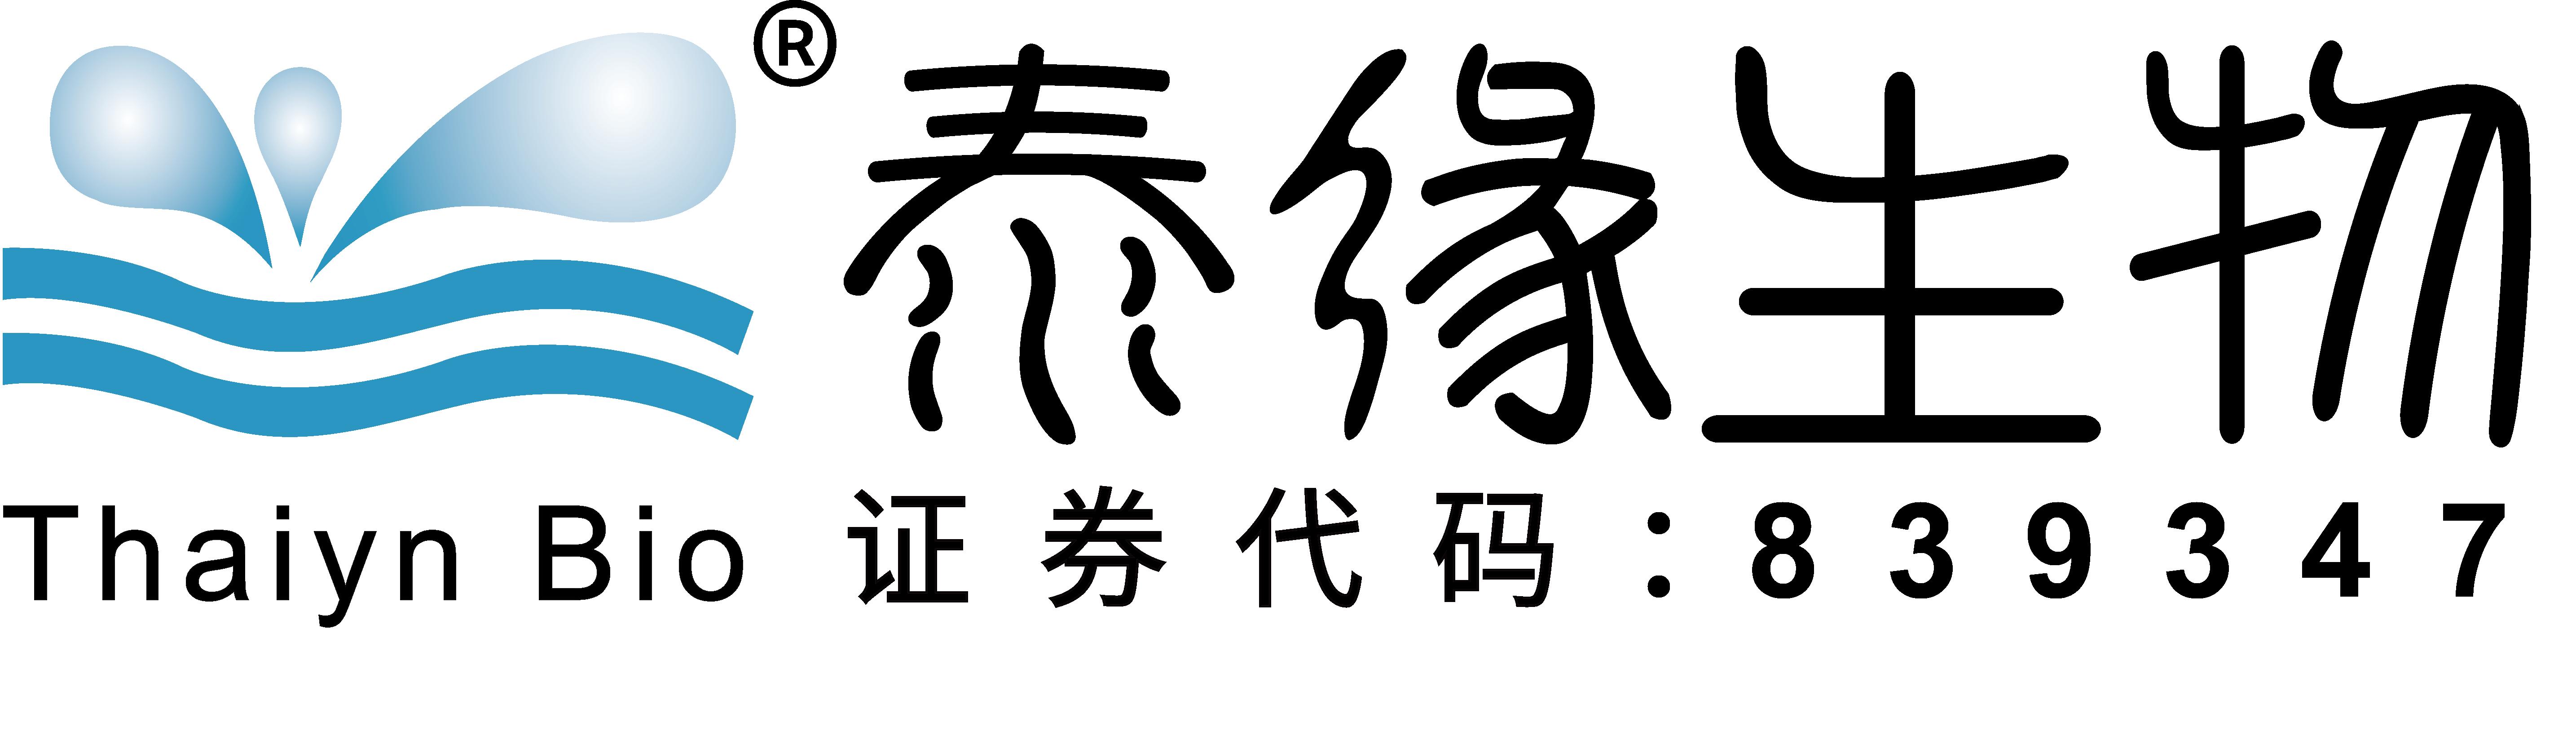 上海泰缘生物科技股份有限公司官网